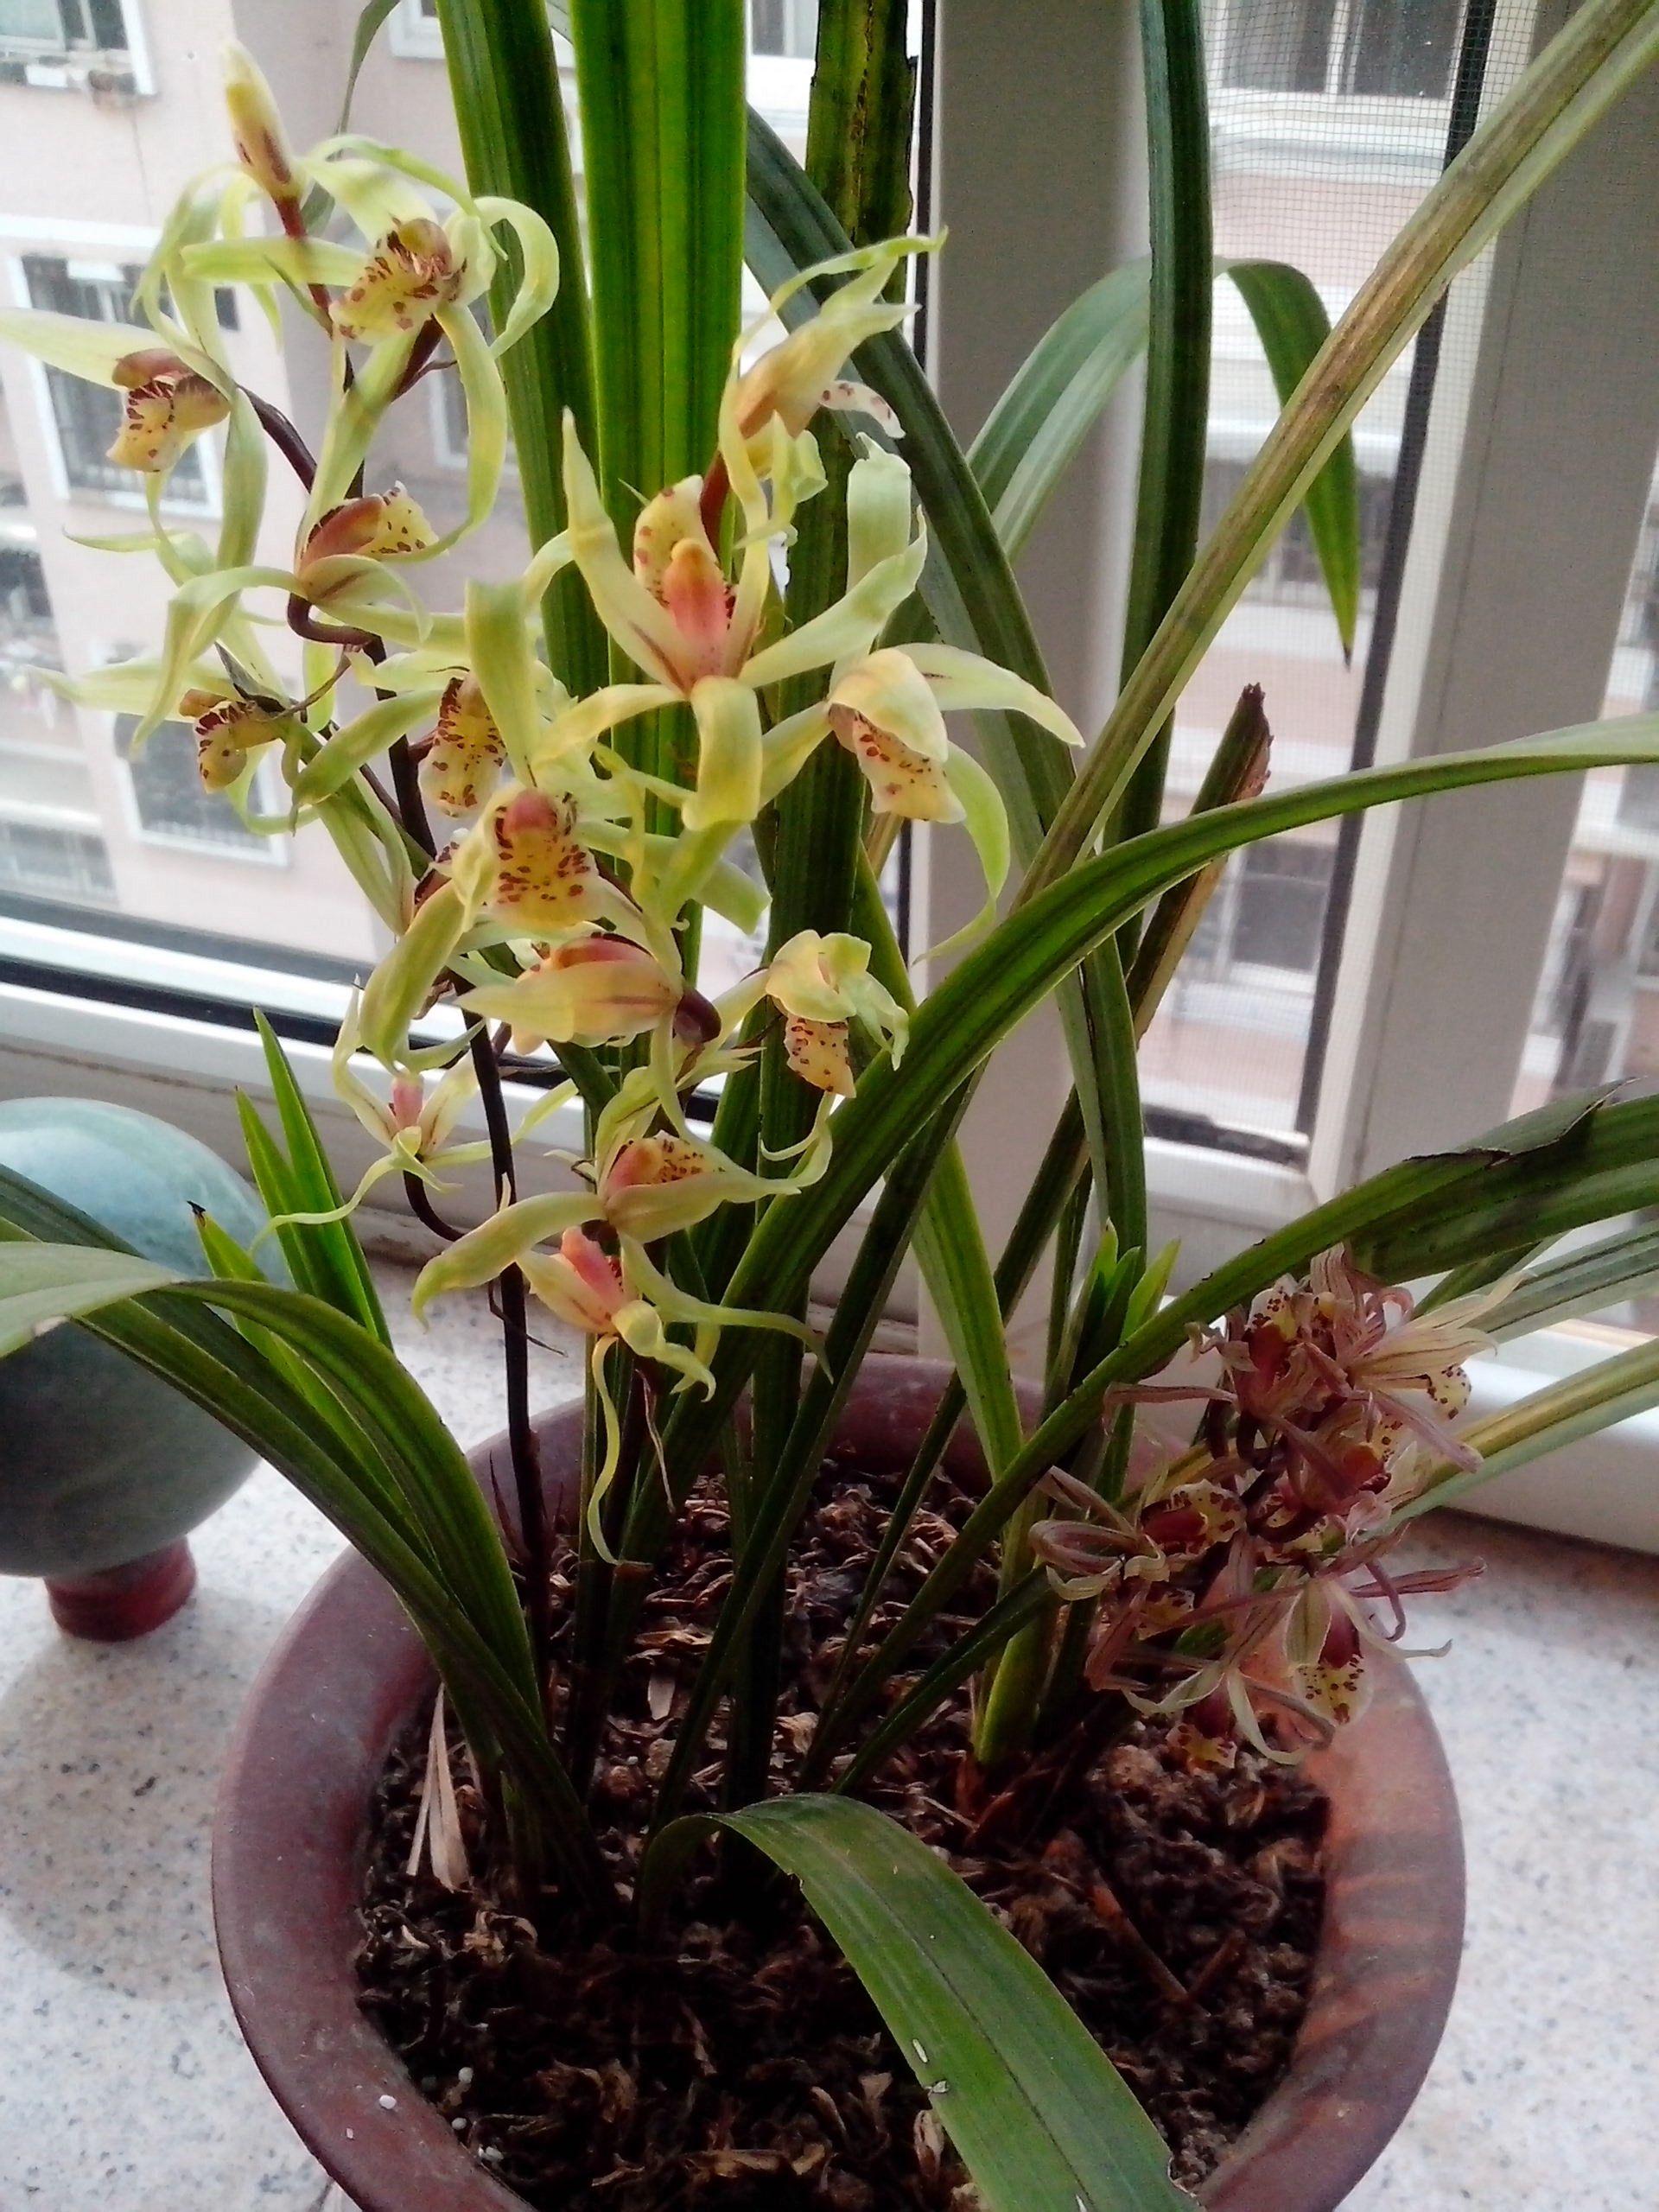 野生蘭花最貴的品種